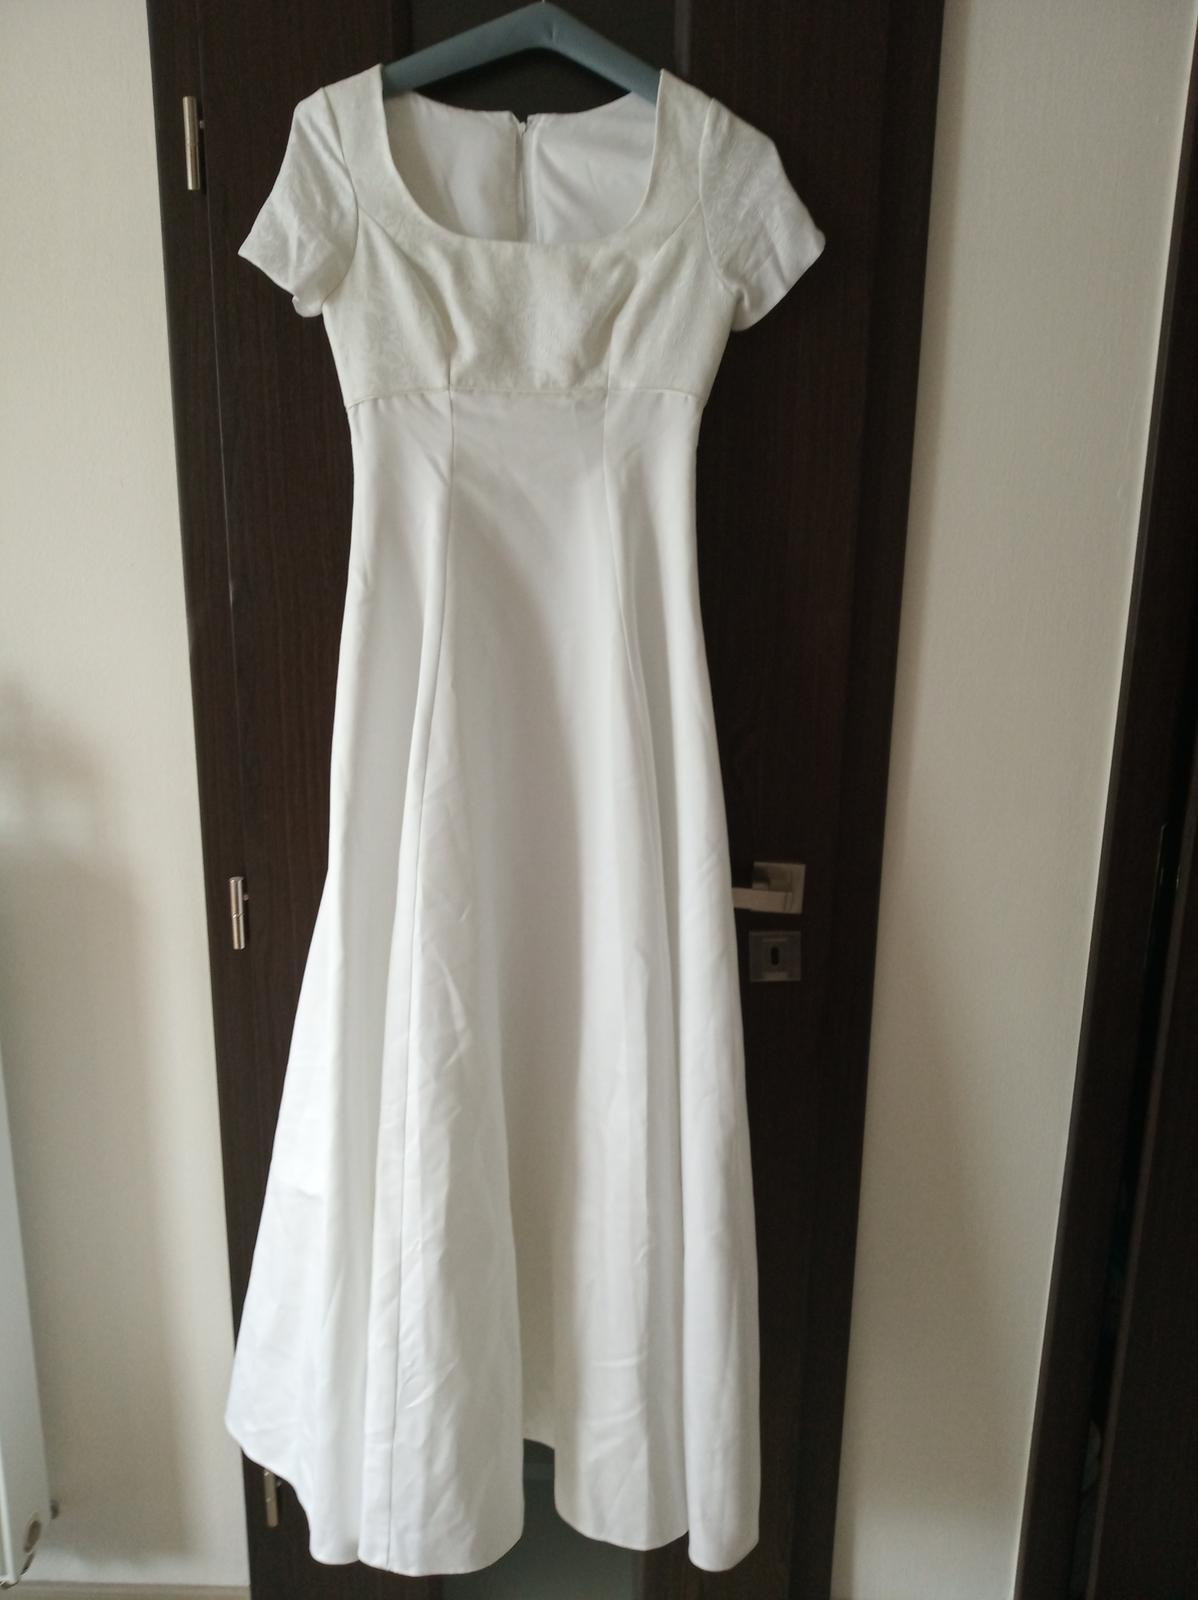 Svatební šaty s jemnou krajkou - Obrázek č. 1